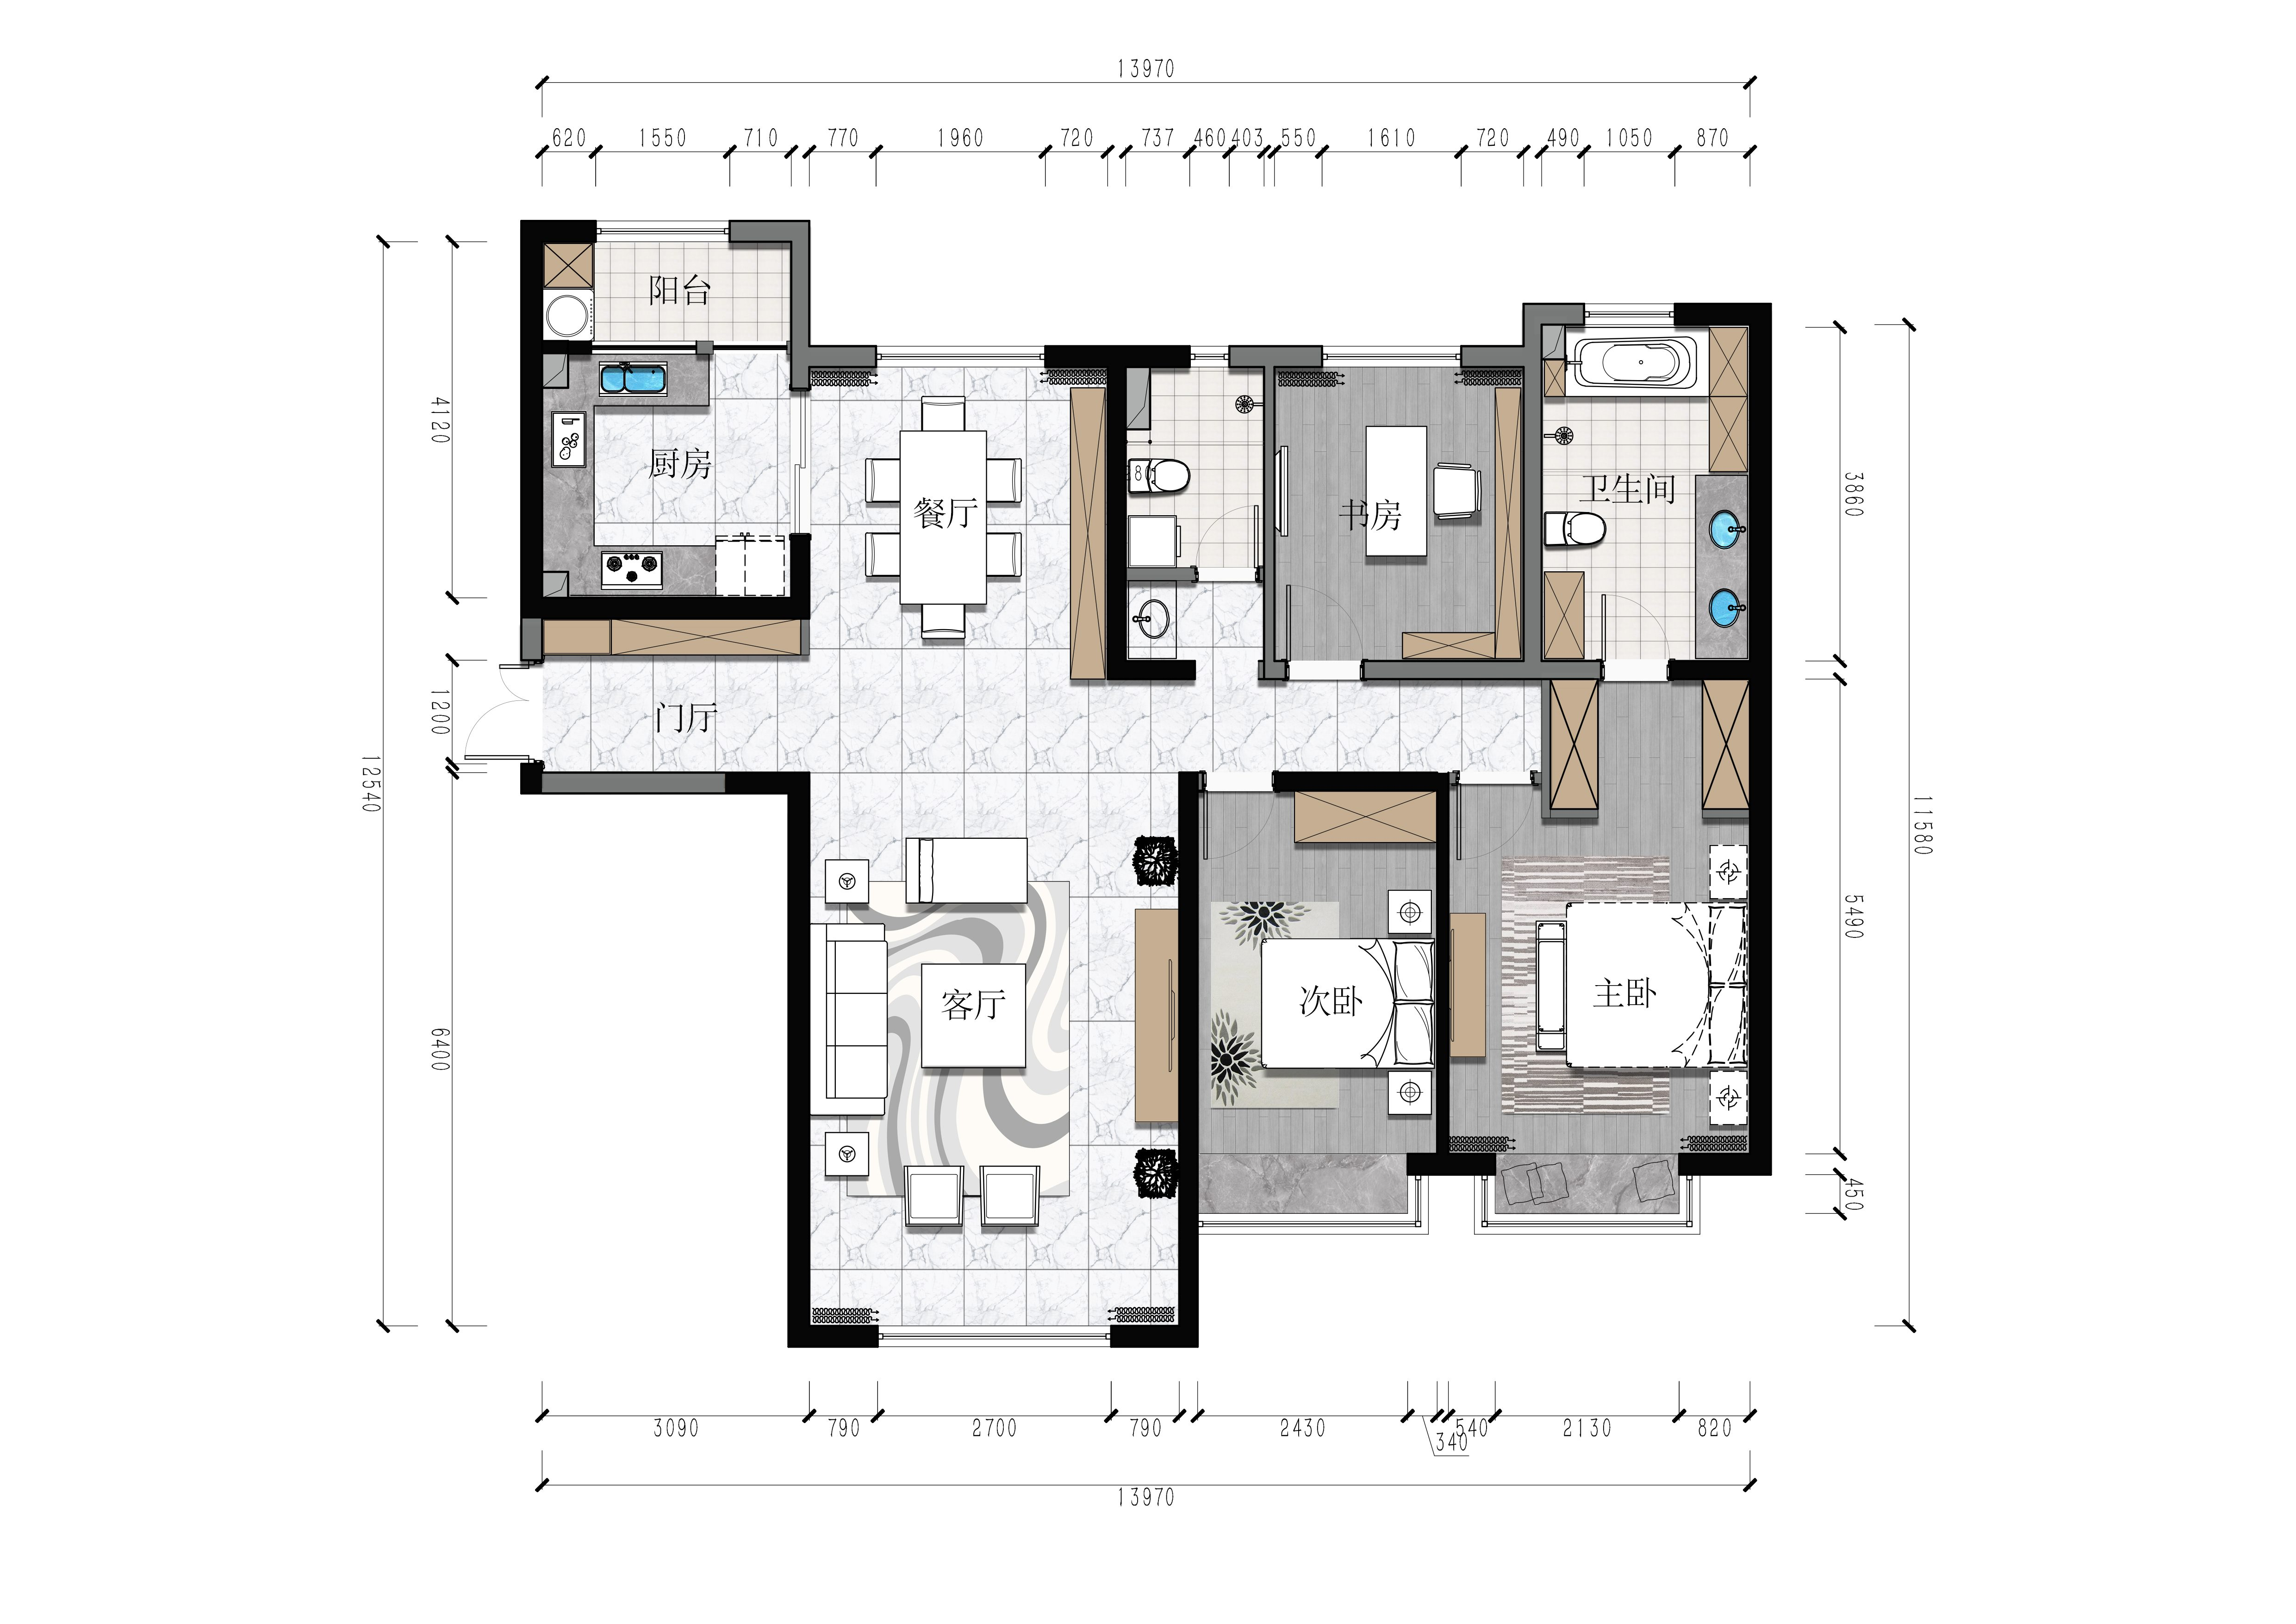 银河国际-164平米-北欧风格装修案例效果图装修设计理念